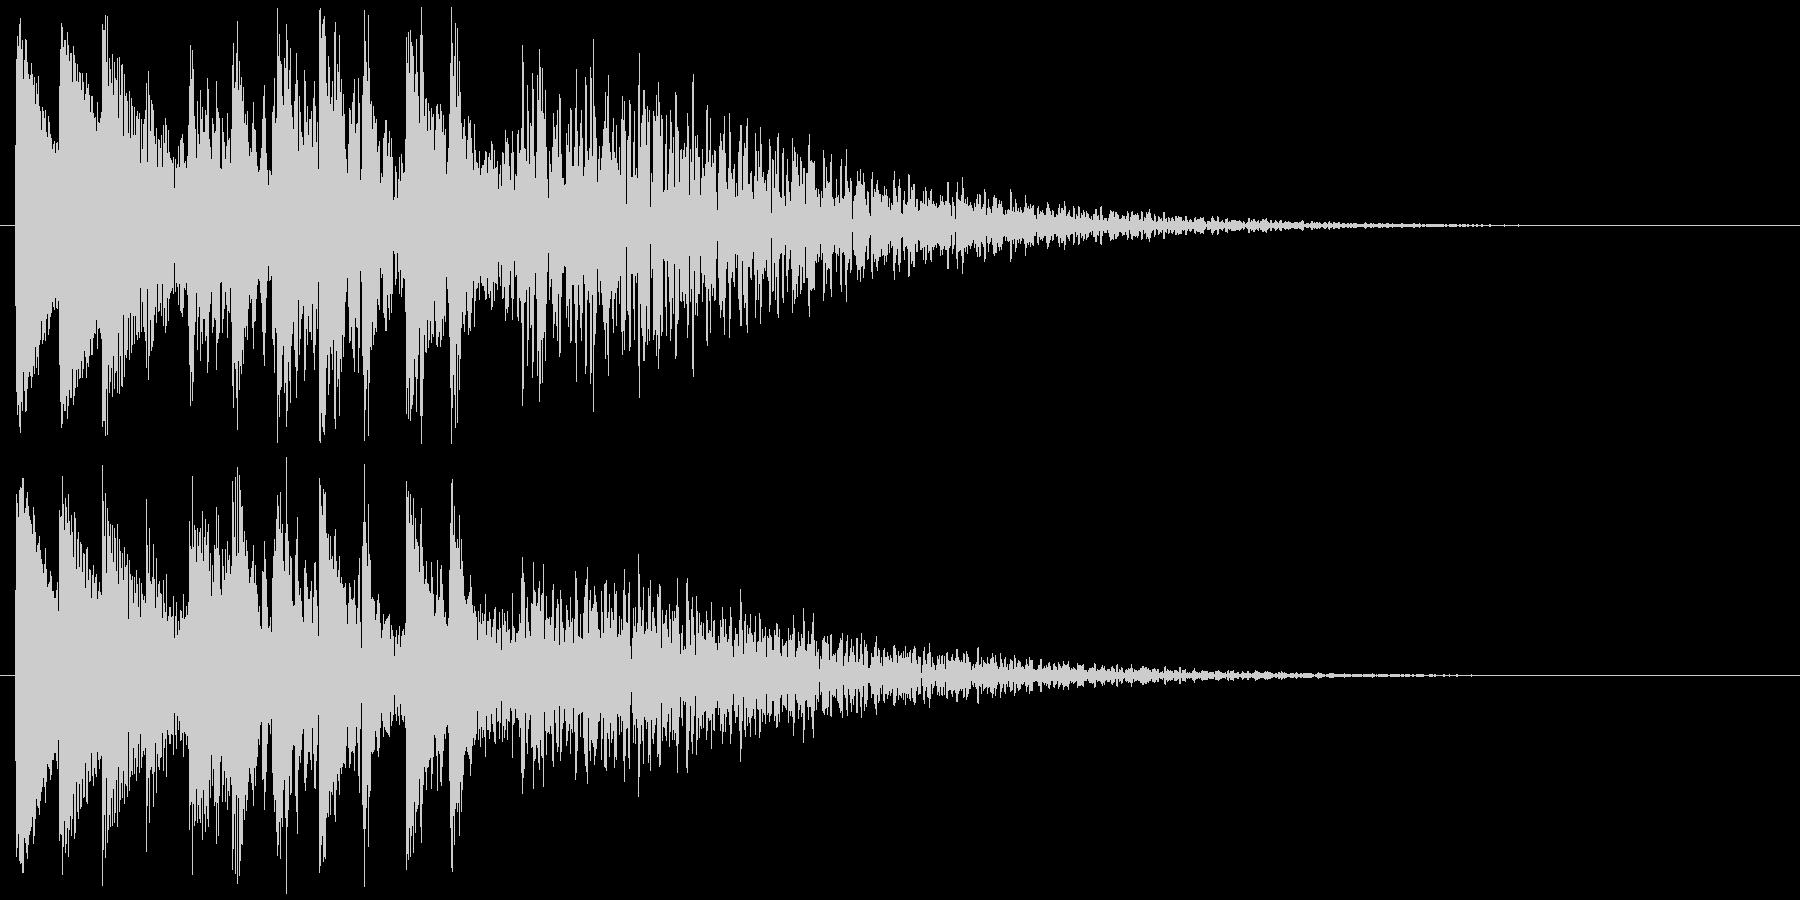 キラキラリン 上昇(鉄琴風)の未再生の波形